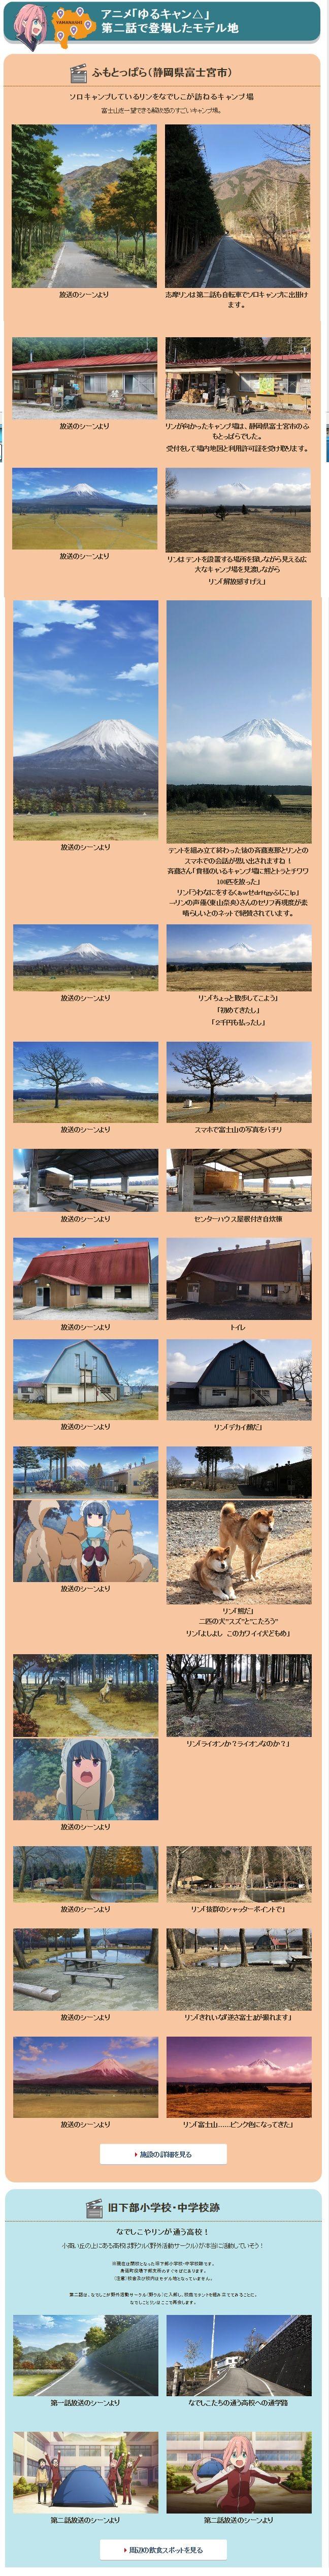 ゆるキャン 聖地 山梨県 紹介サイトに関連した画像-02